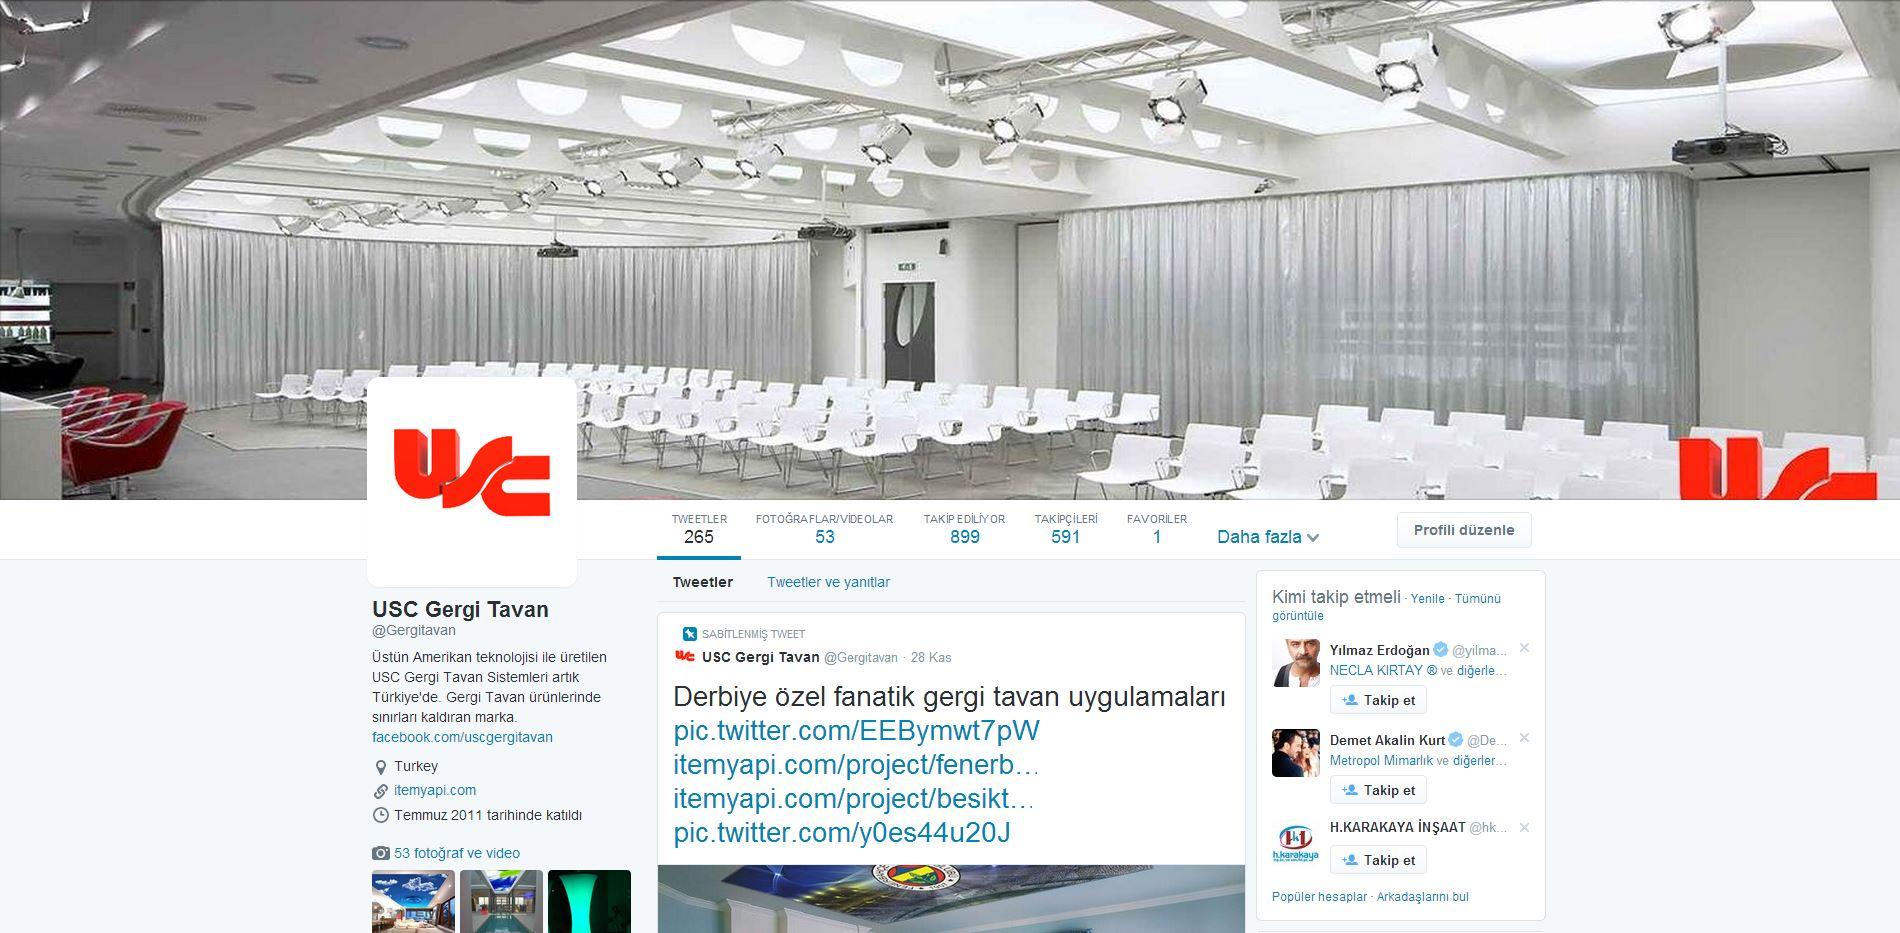 sosyal medyada item yapı gergi tavan sayfası